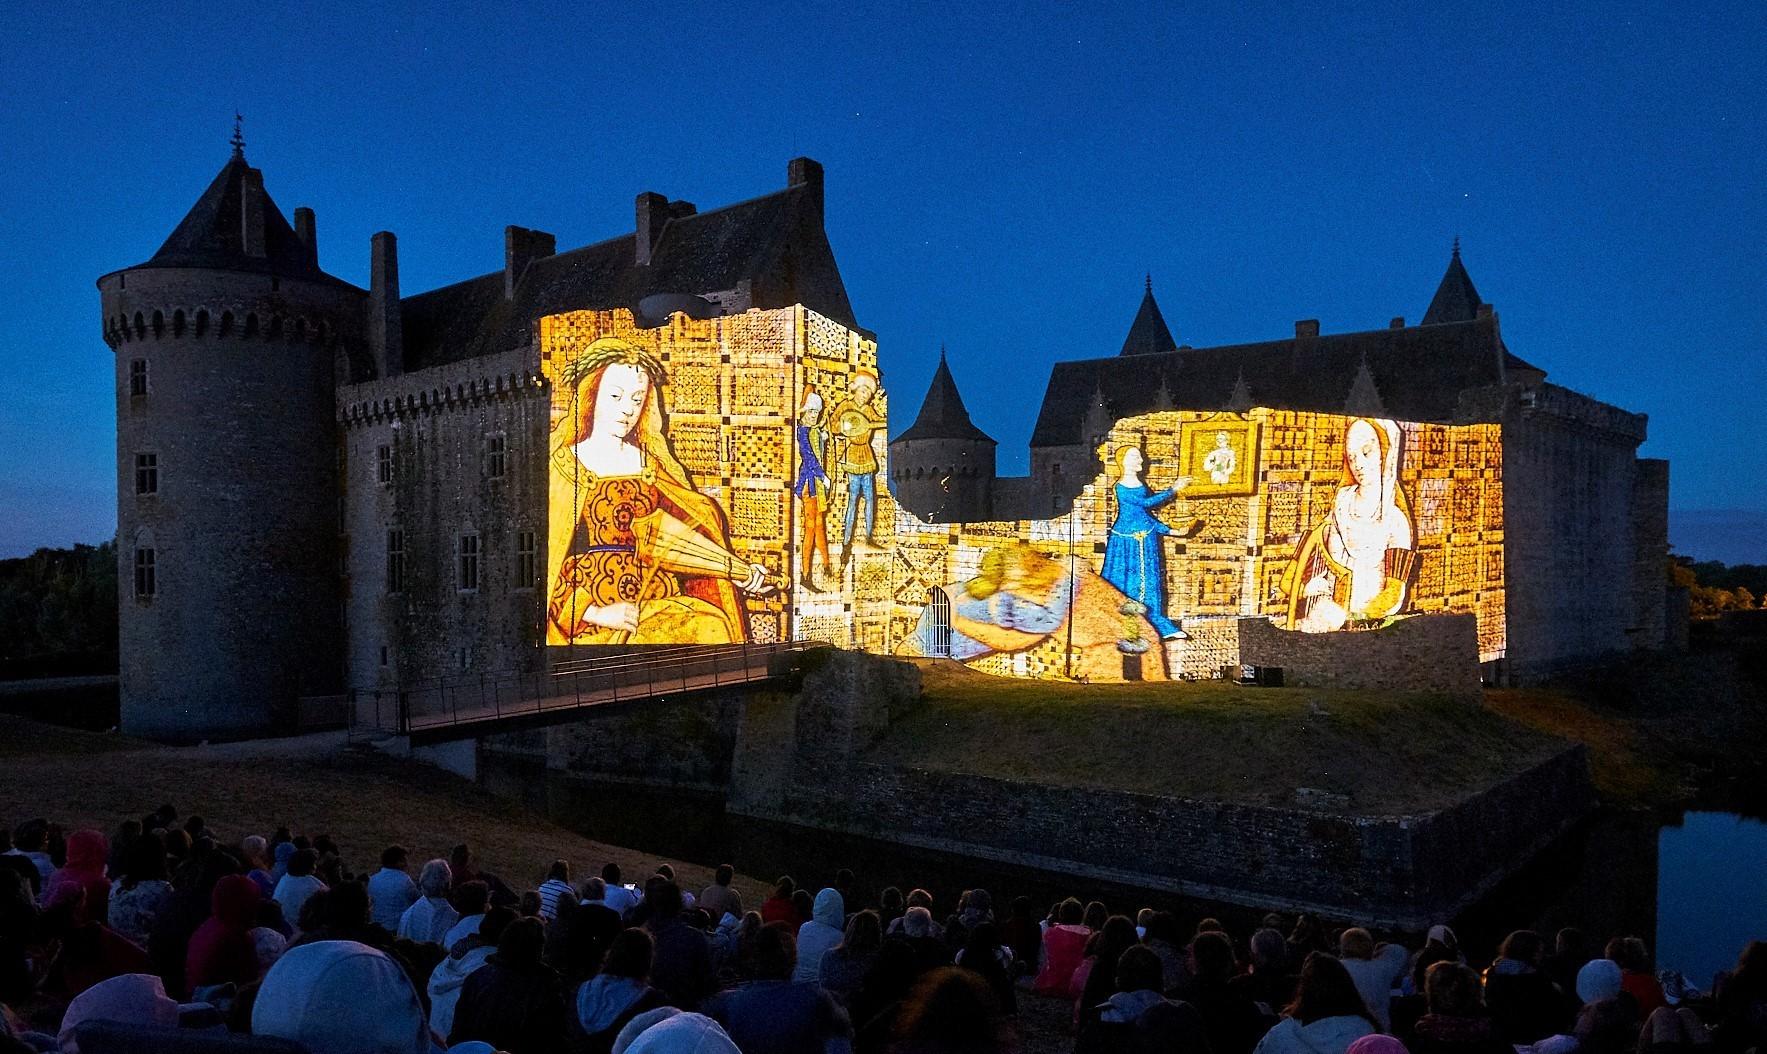 Son et lumière château de Suscinio